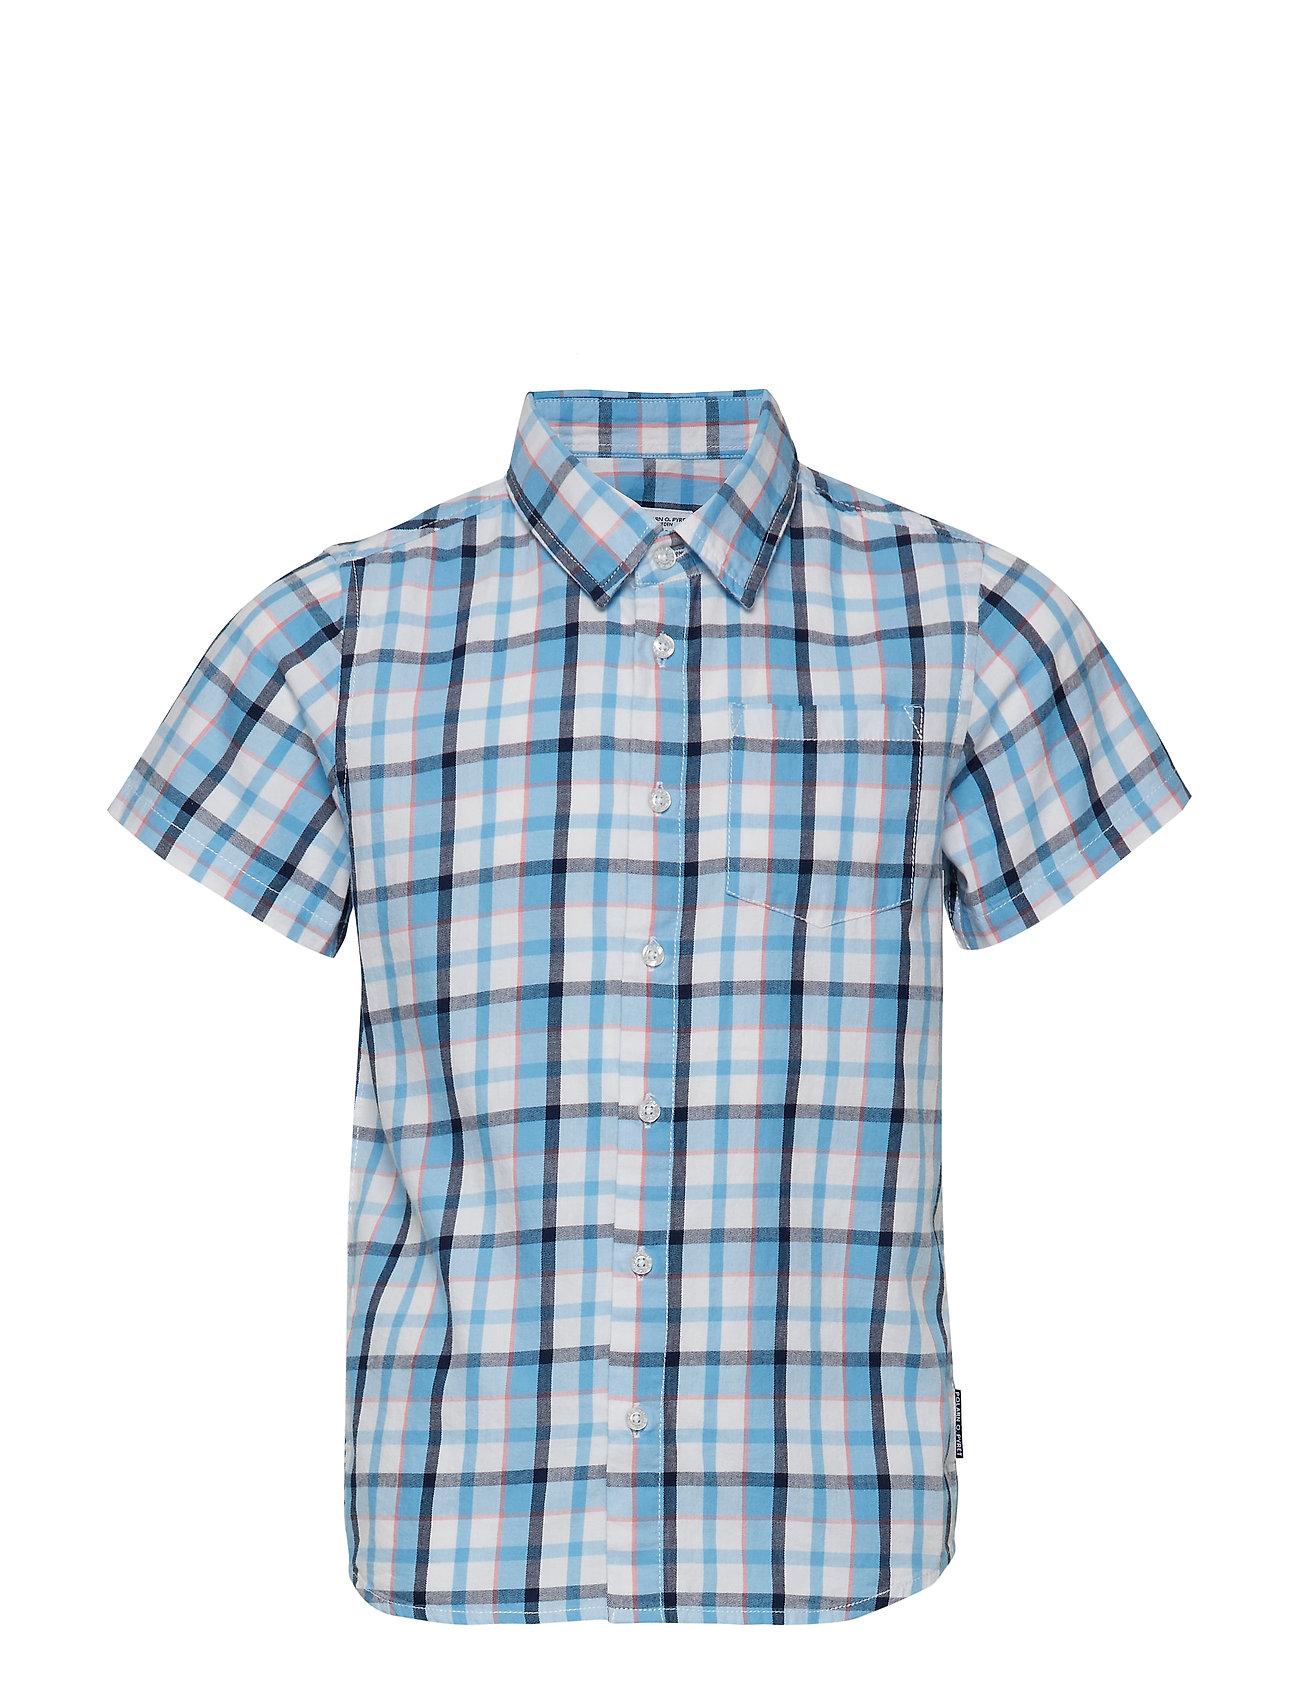 Polarn O. Pyret Shirt S/S Check School